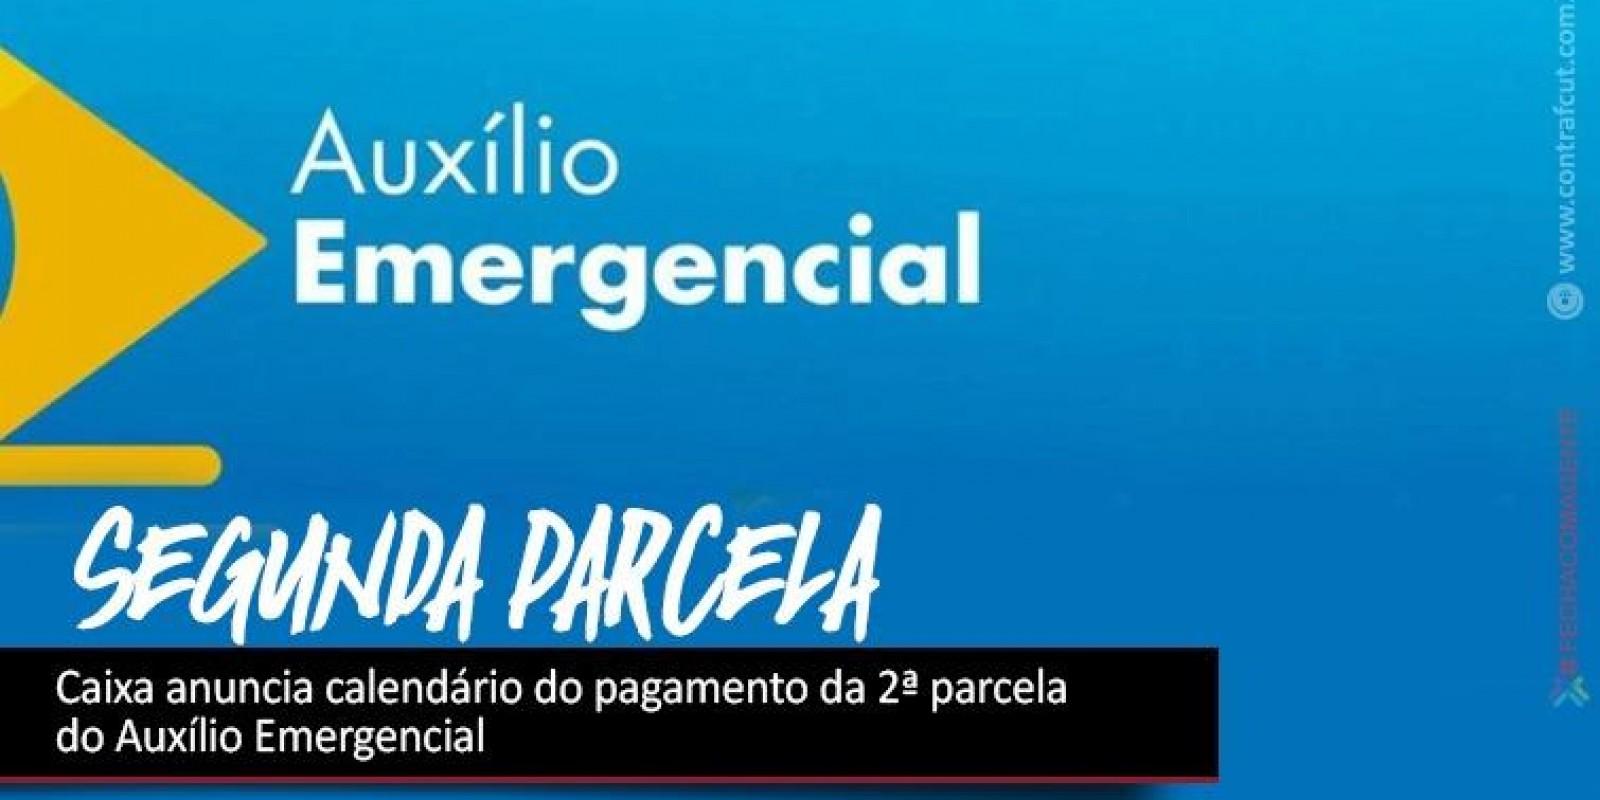 Caixa anuncia calendário do pagamento da 2ª parcela do Auxílio Emergencial